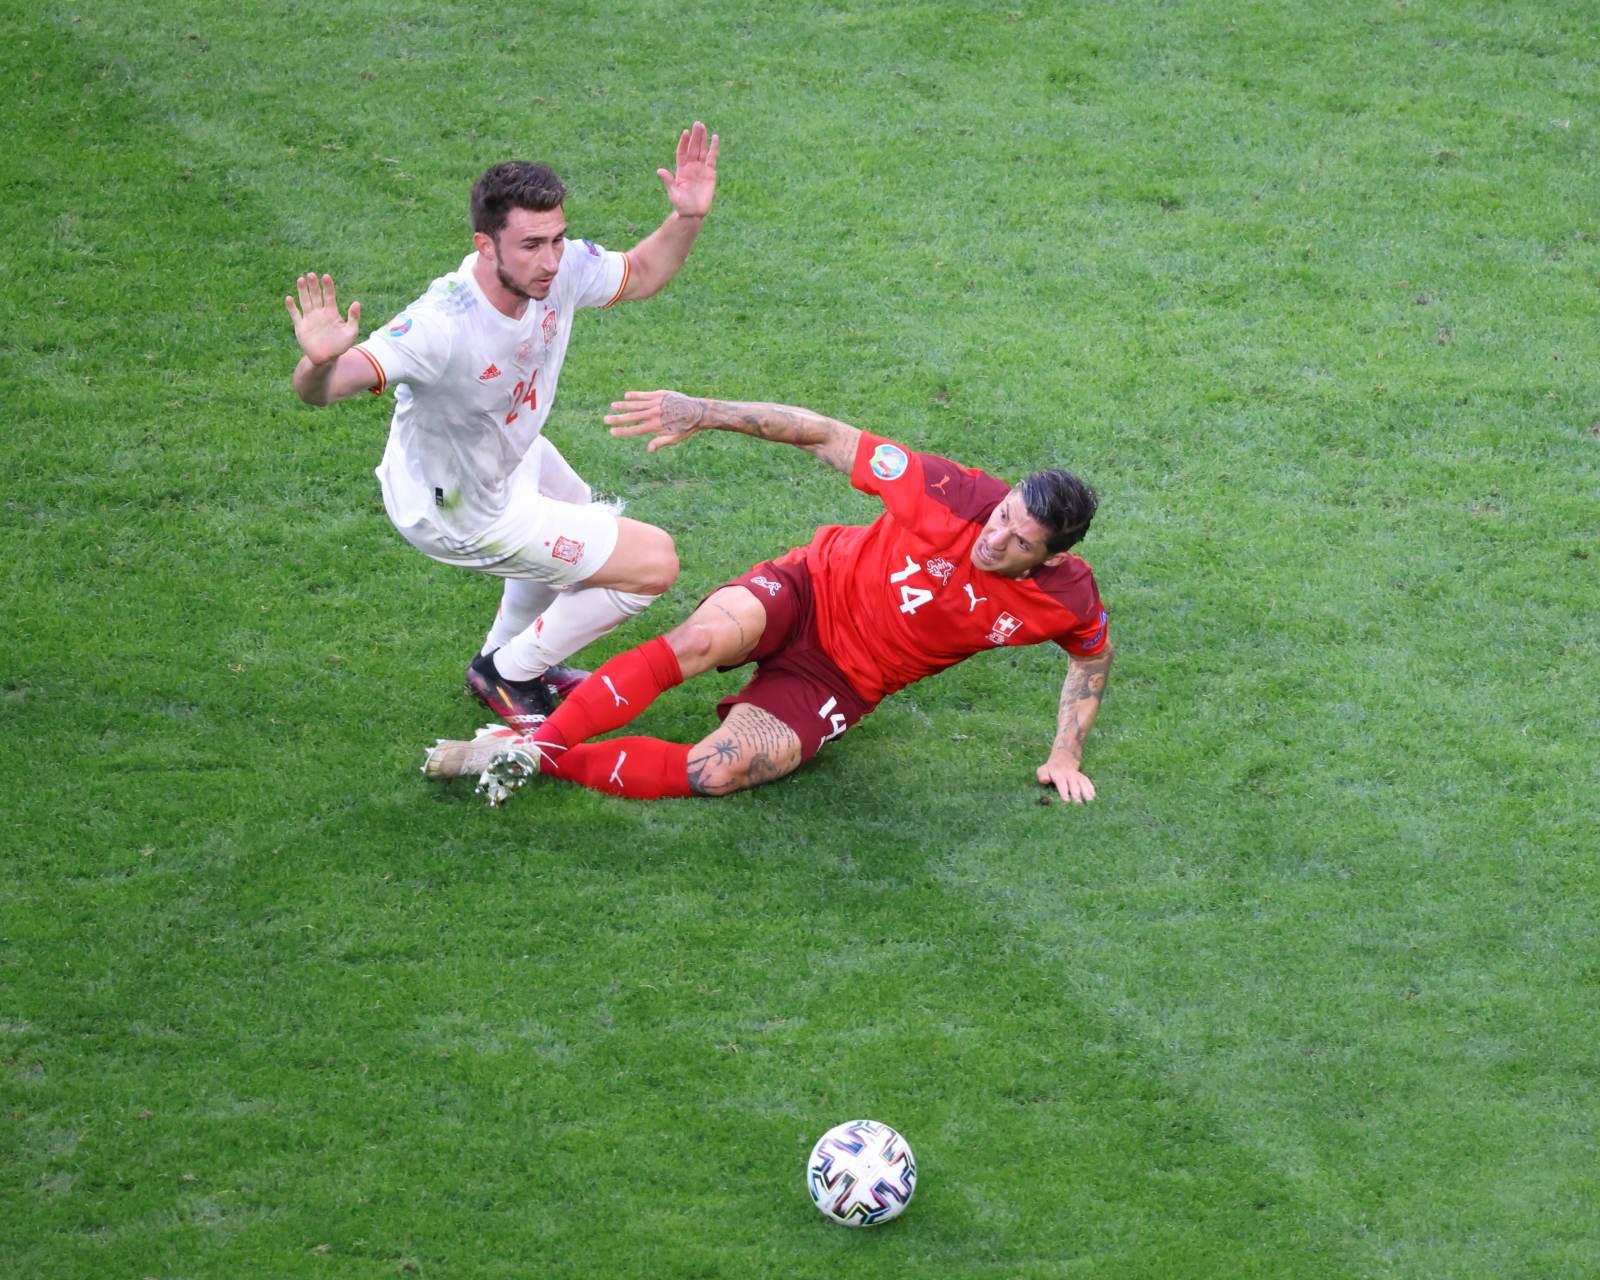 Лапорт: «Испания доказала, что является сильной командой и играет в красивый футбол»